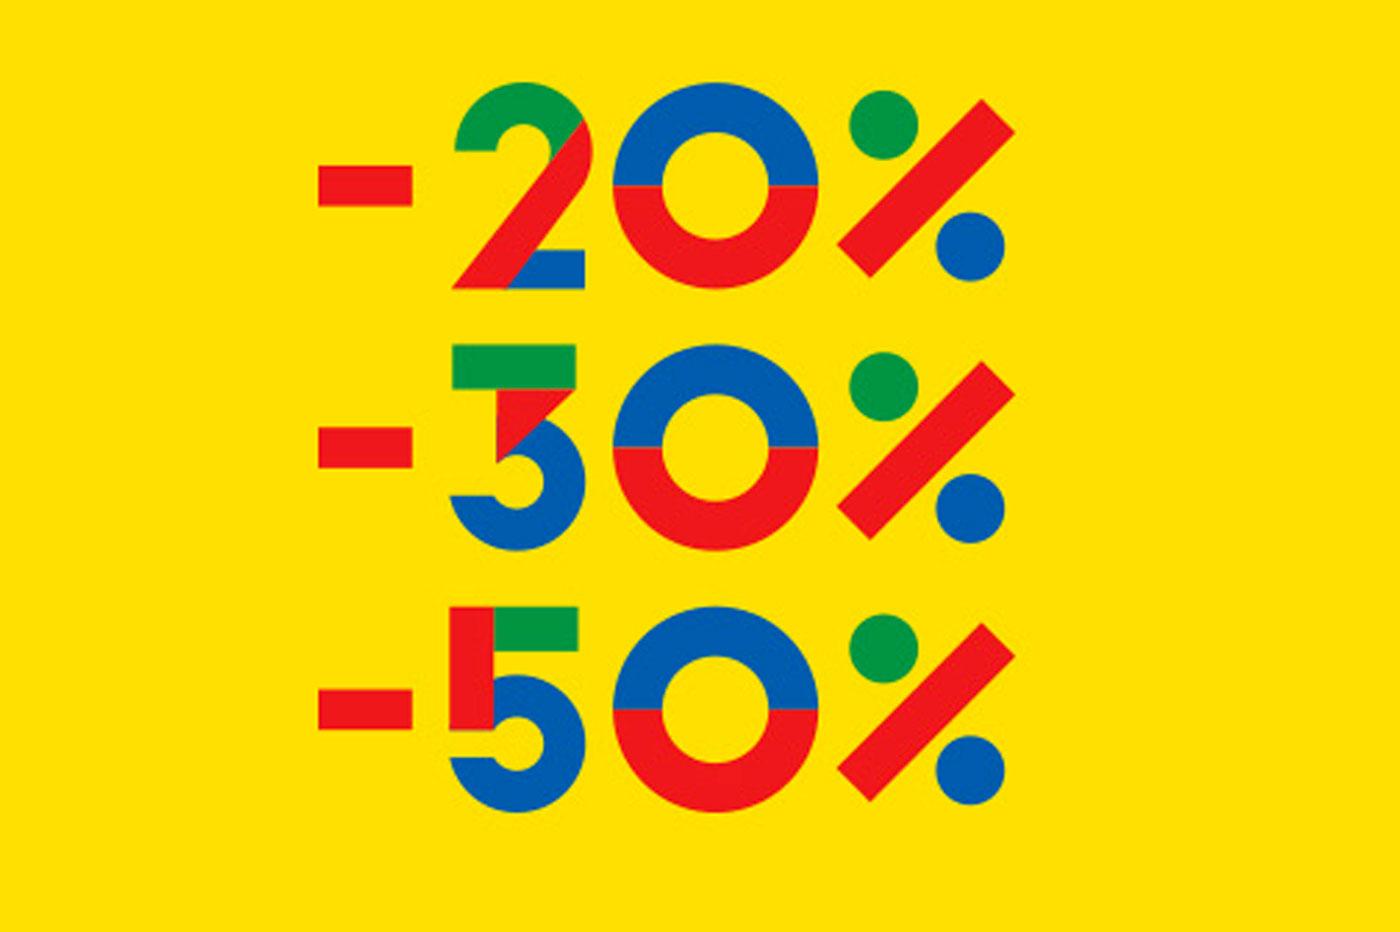 Soldes Darty : guide des meilleures promos du site jusqu'à -50% 🔥 - Presse-citron image